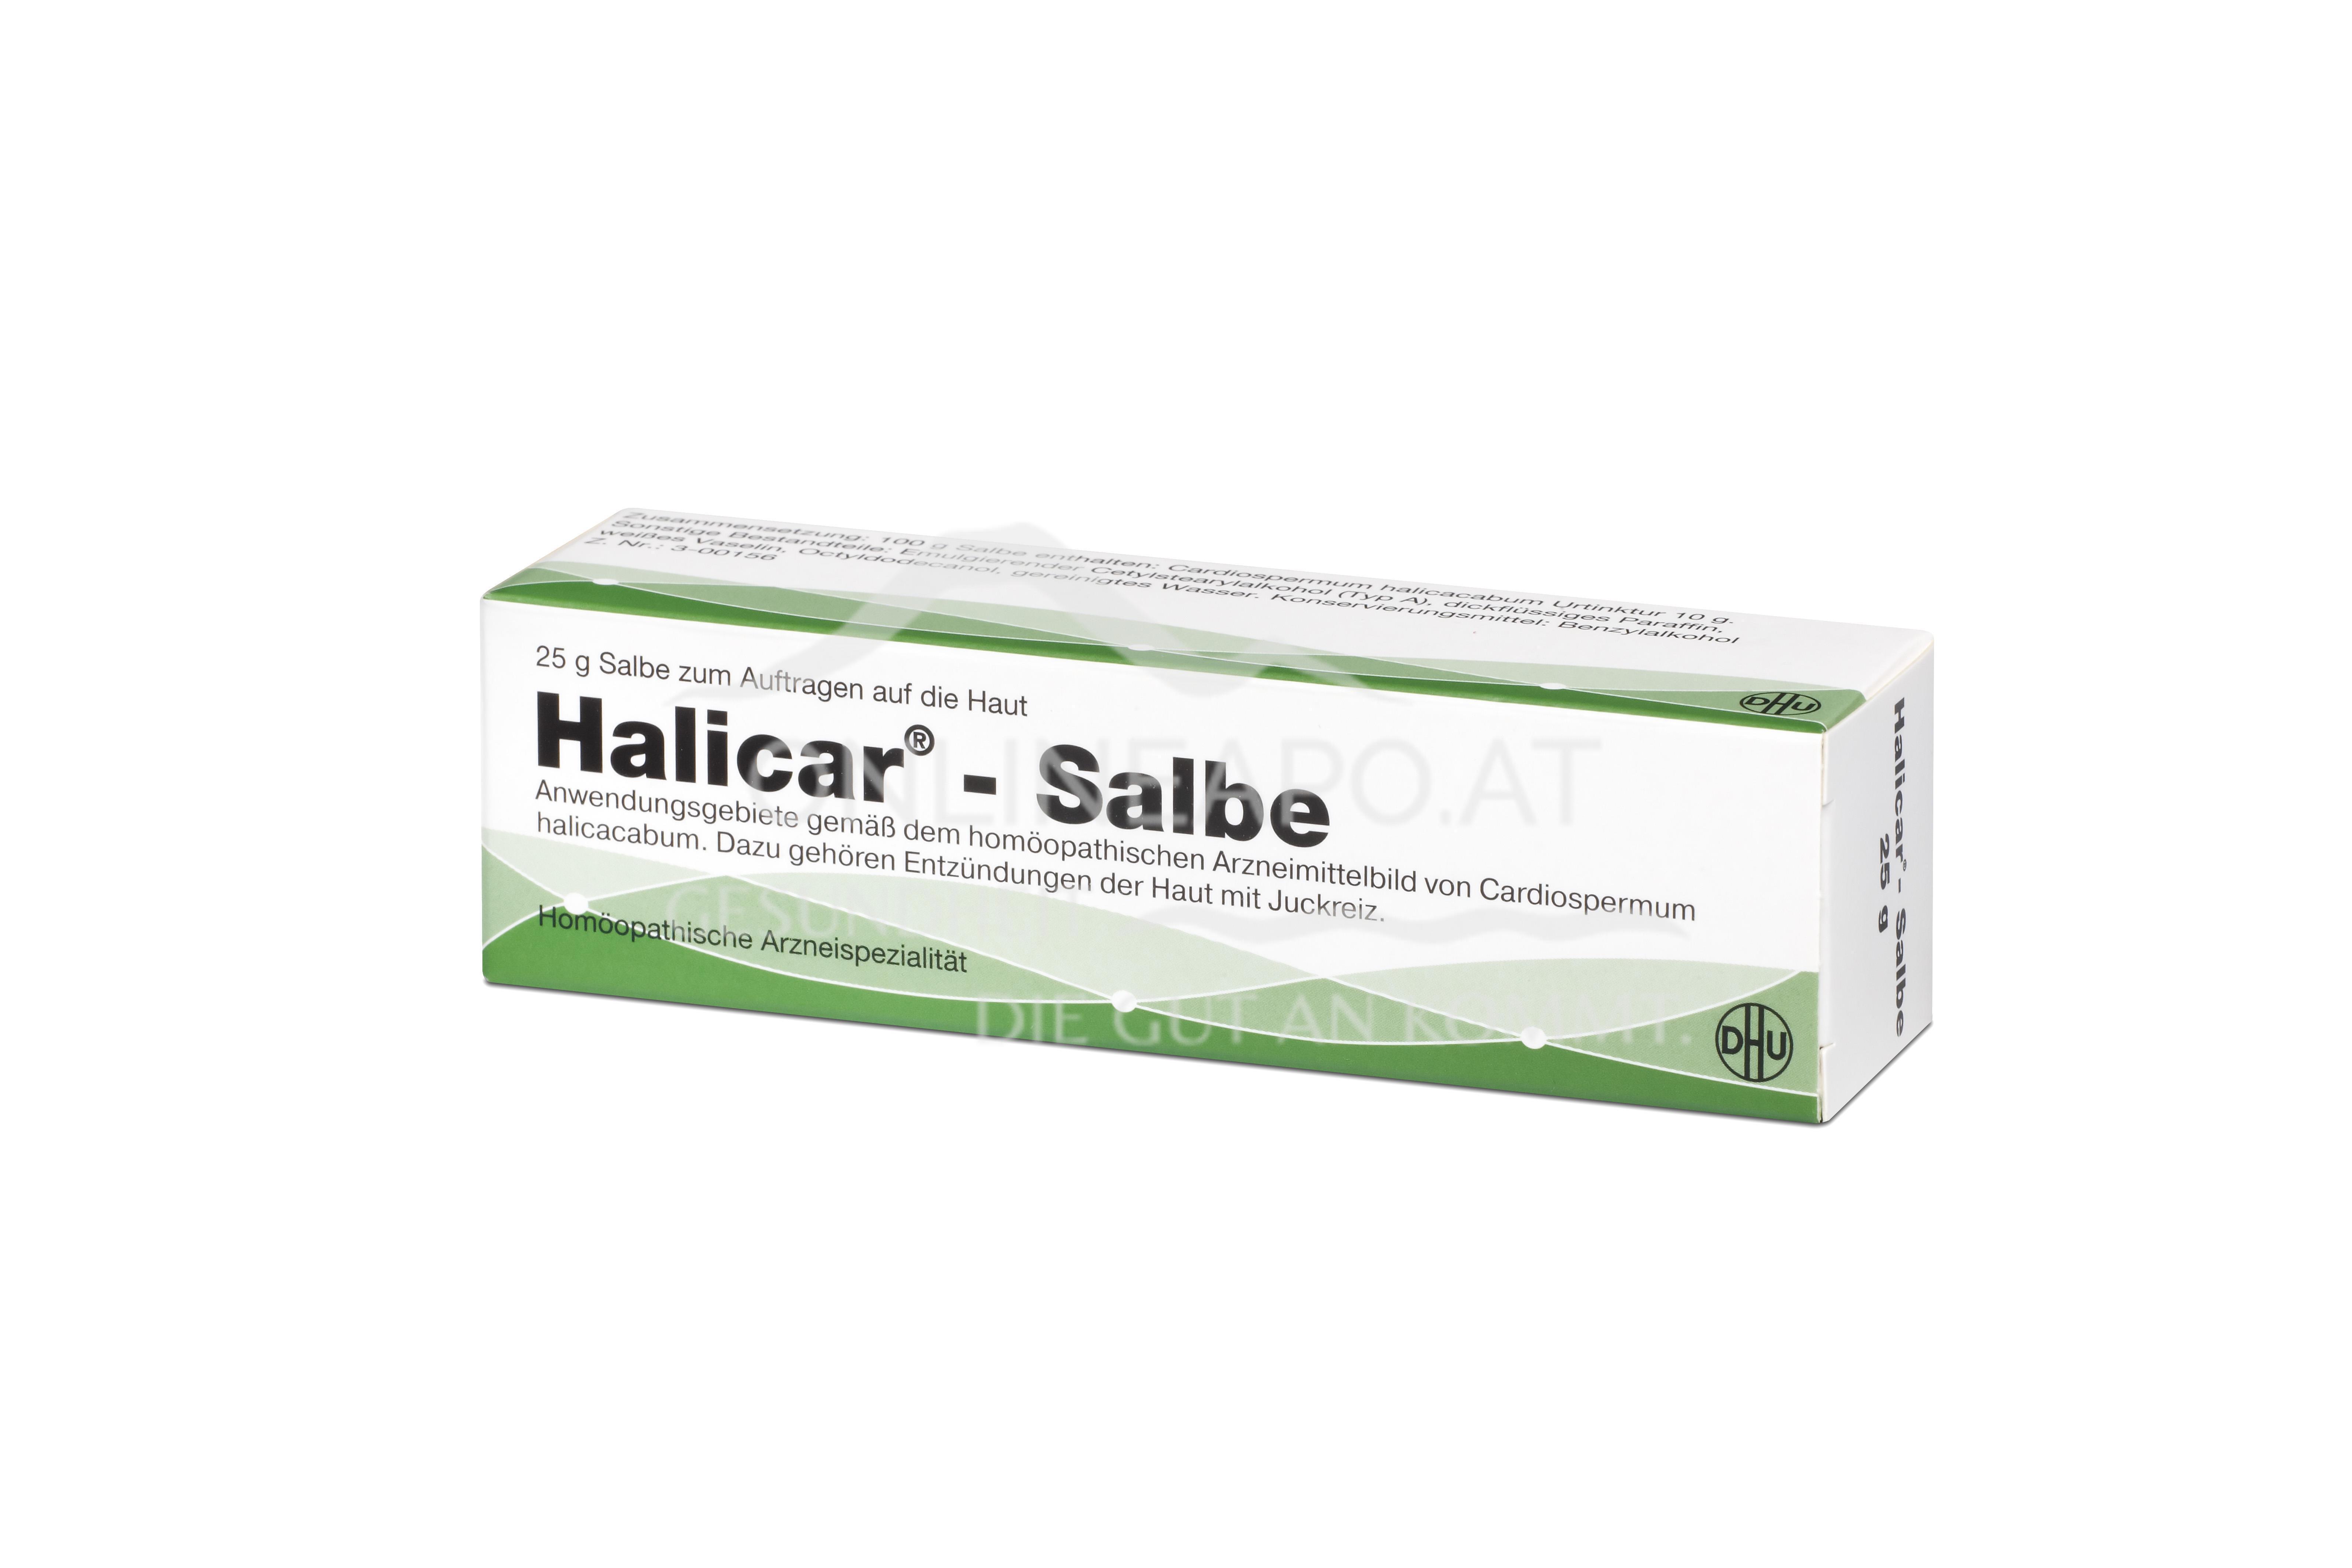 Halicar®